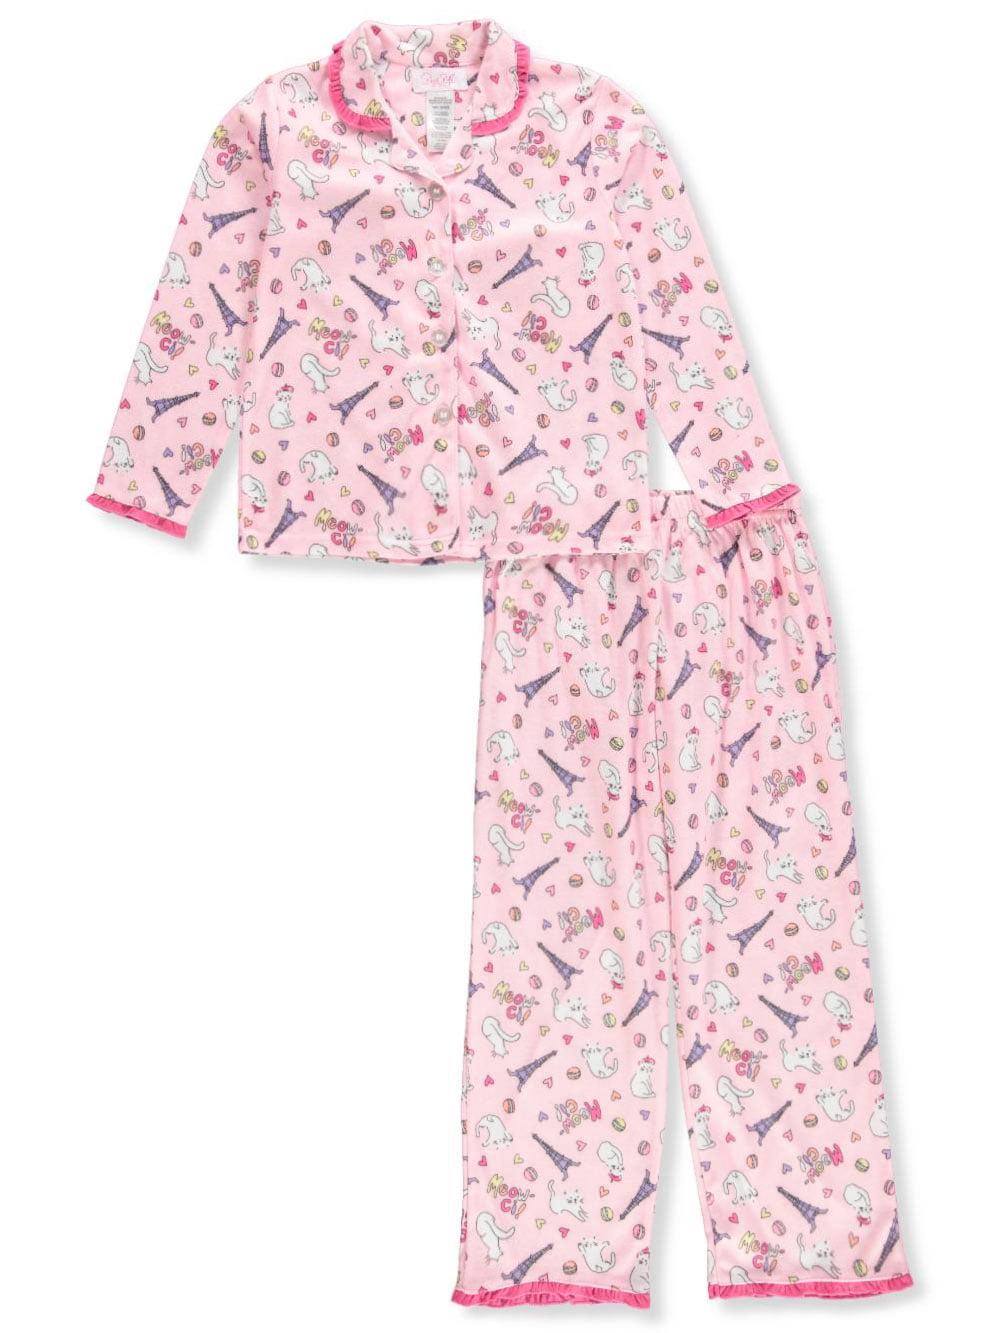 Rene Rofe Girls' 2-Piece Pajamas